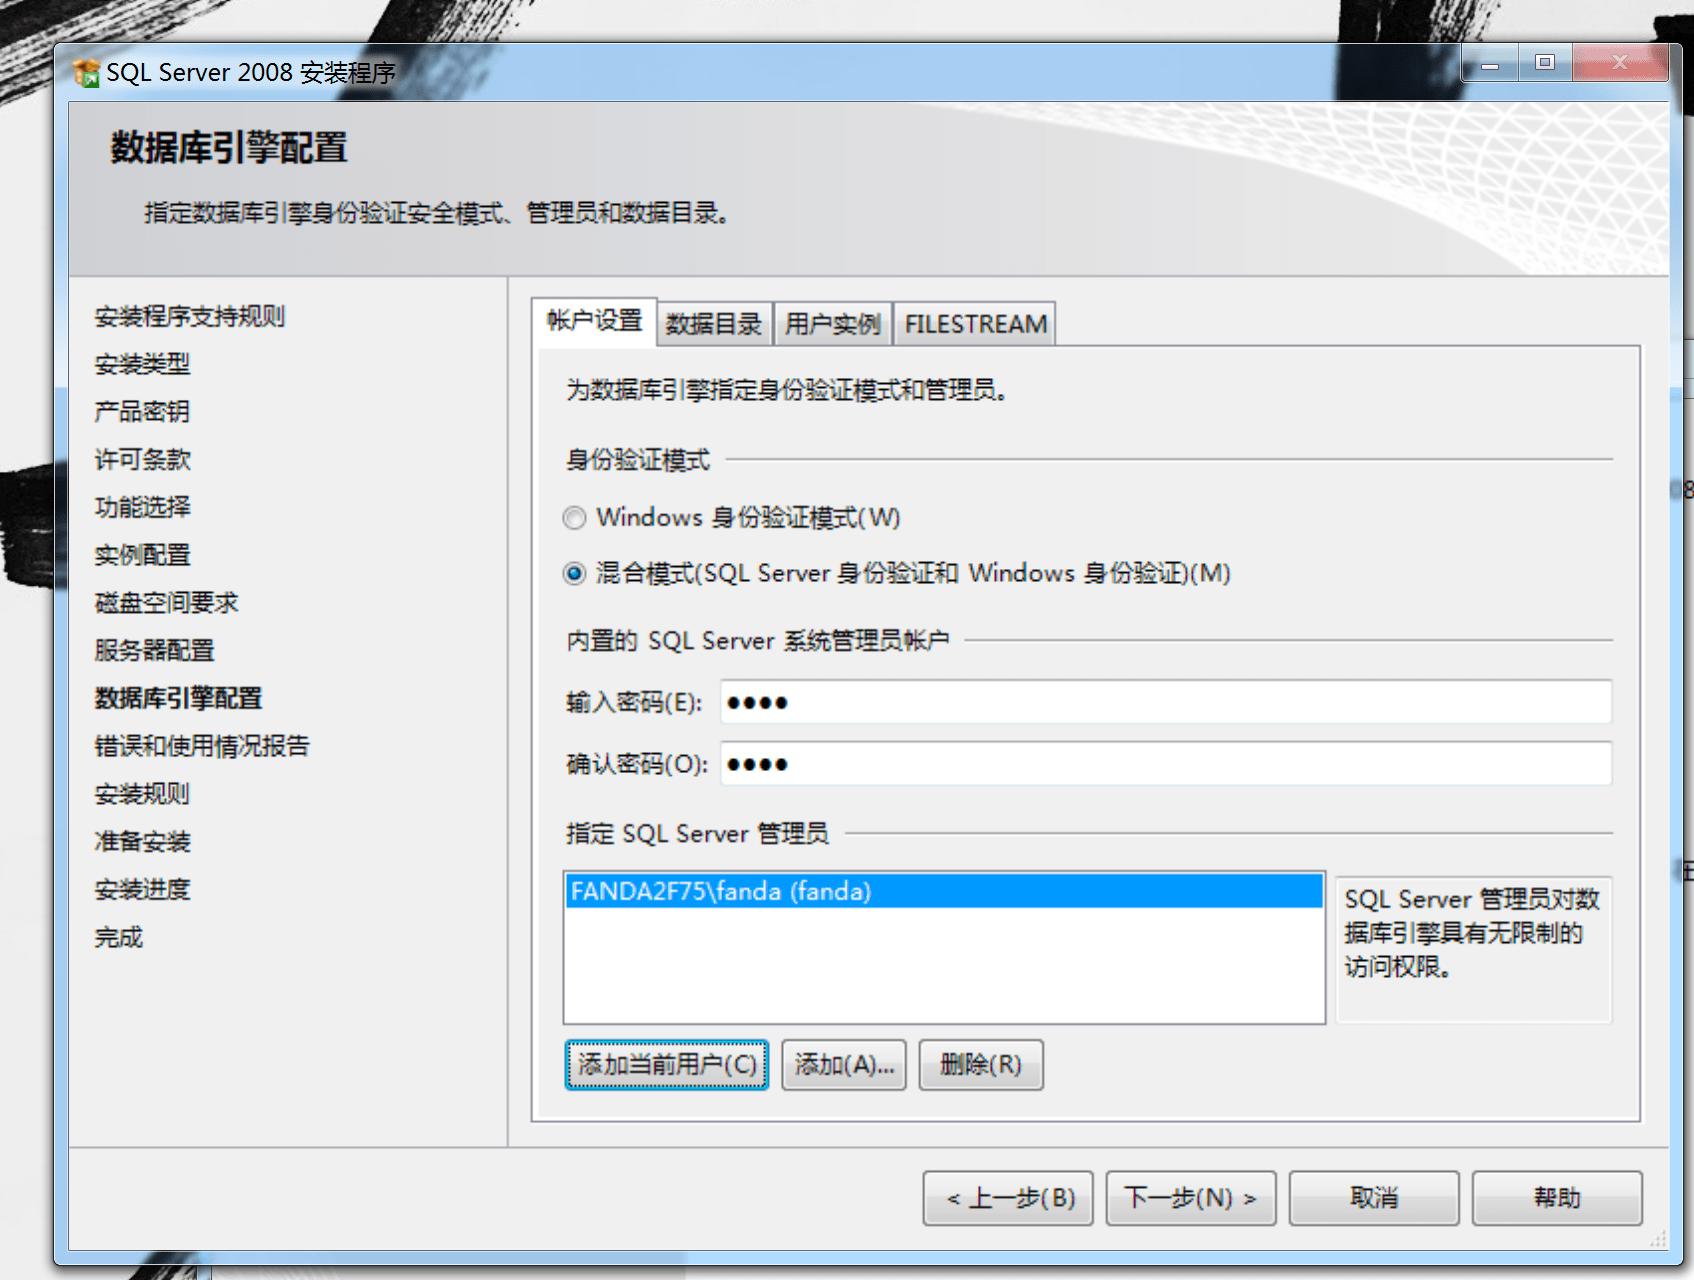 安装包数据库引擎配置